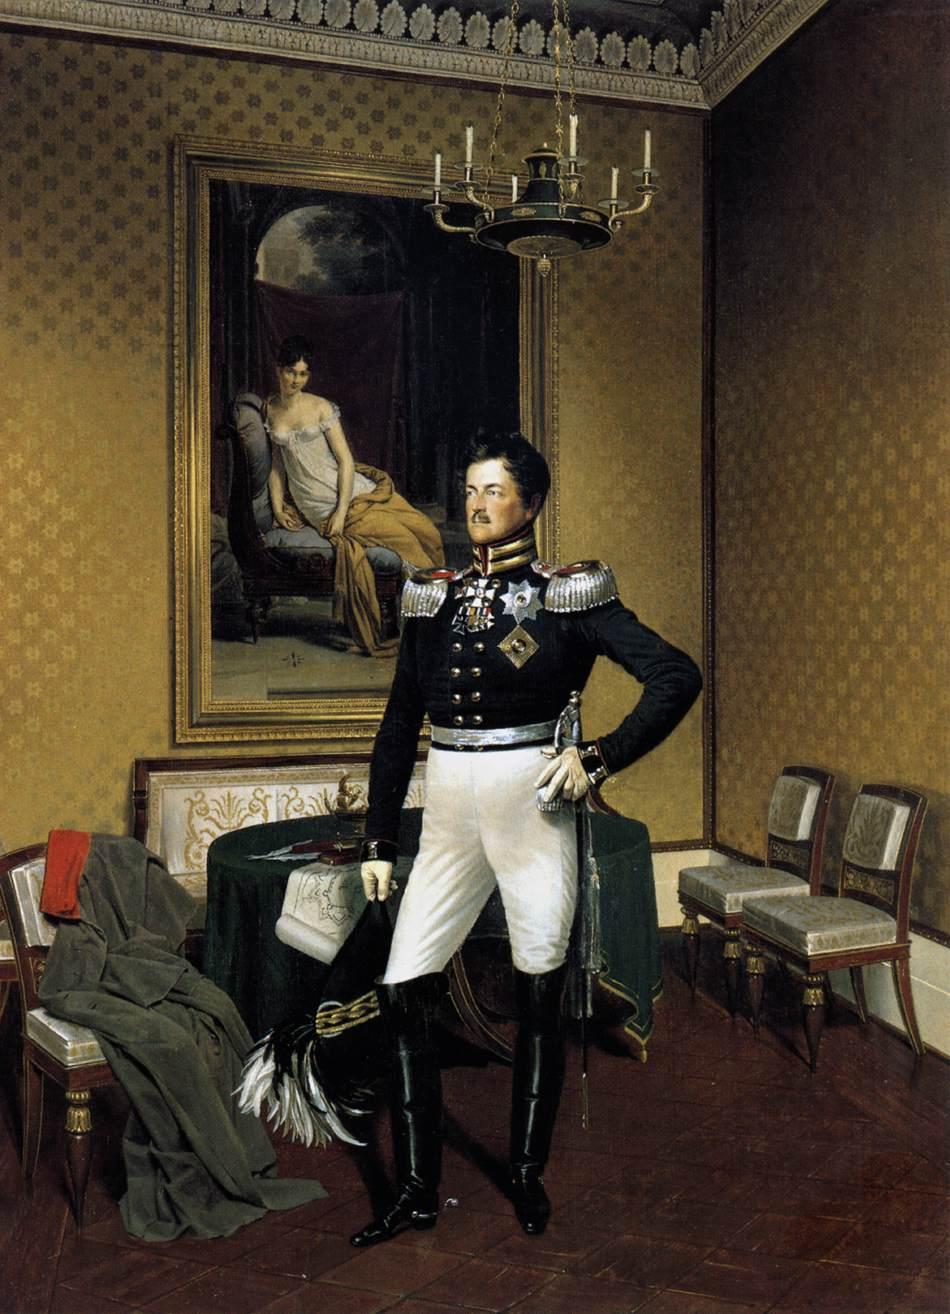 Roi service de rencontres de Prusse